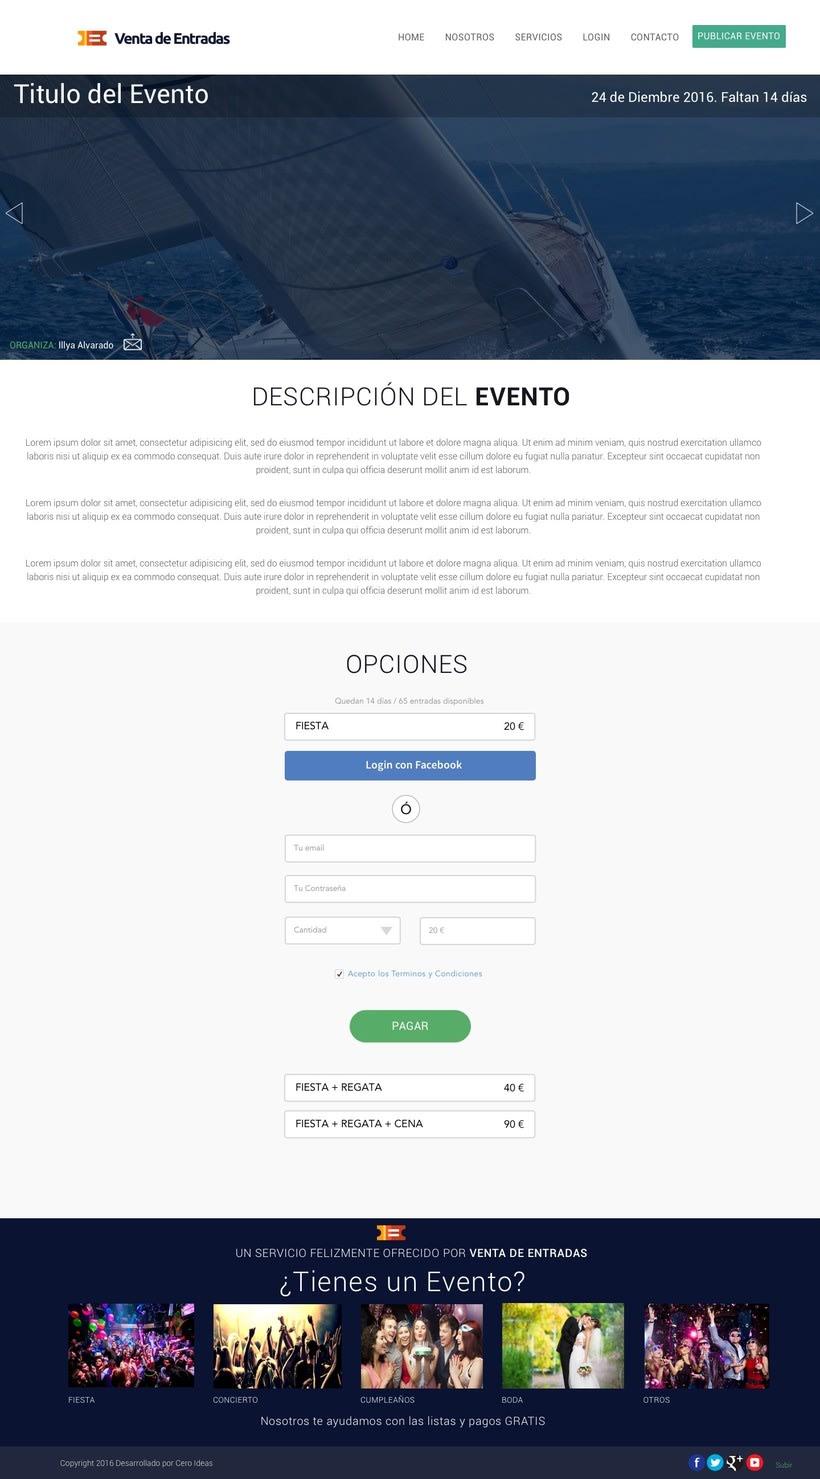 Diseño y desarrollo web para la web: Venta de Entradas 3